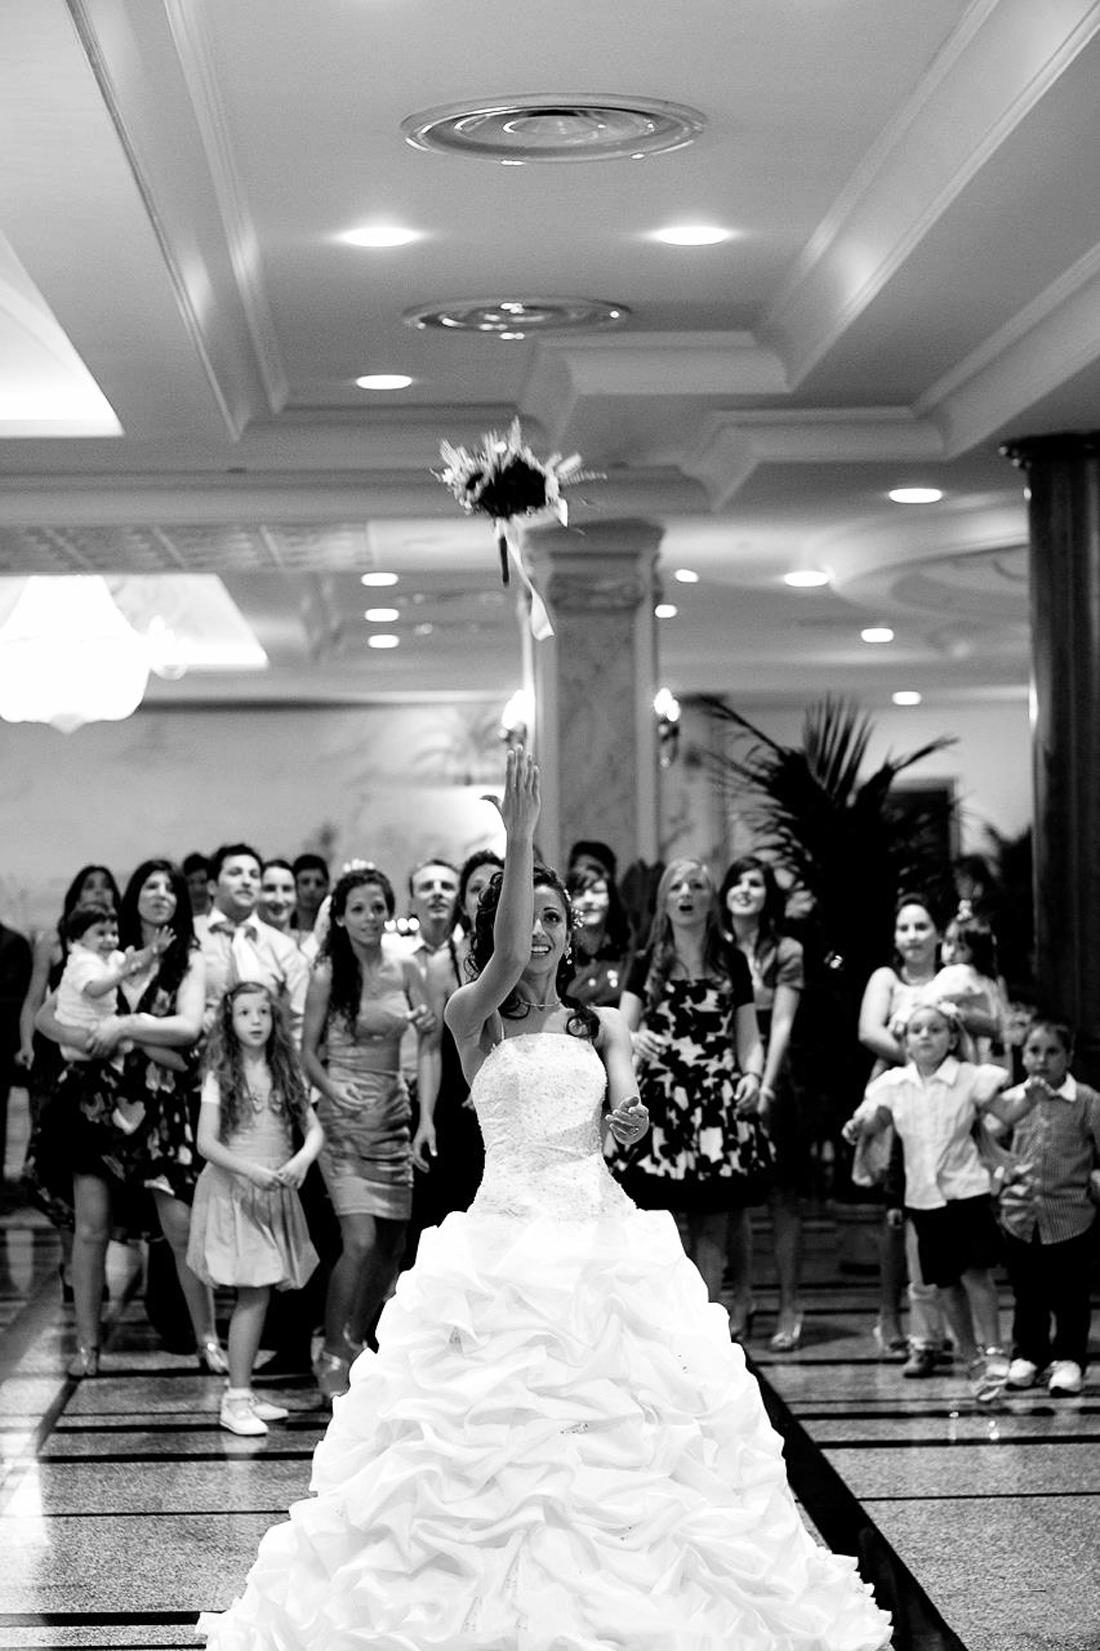 Matrimonio In Ticino : Fulvio pettinato fotografo matrimonio in ticino